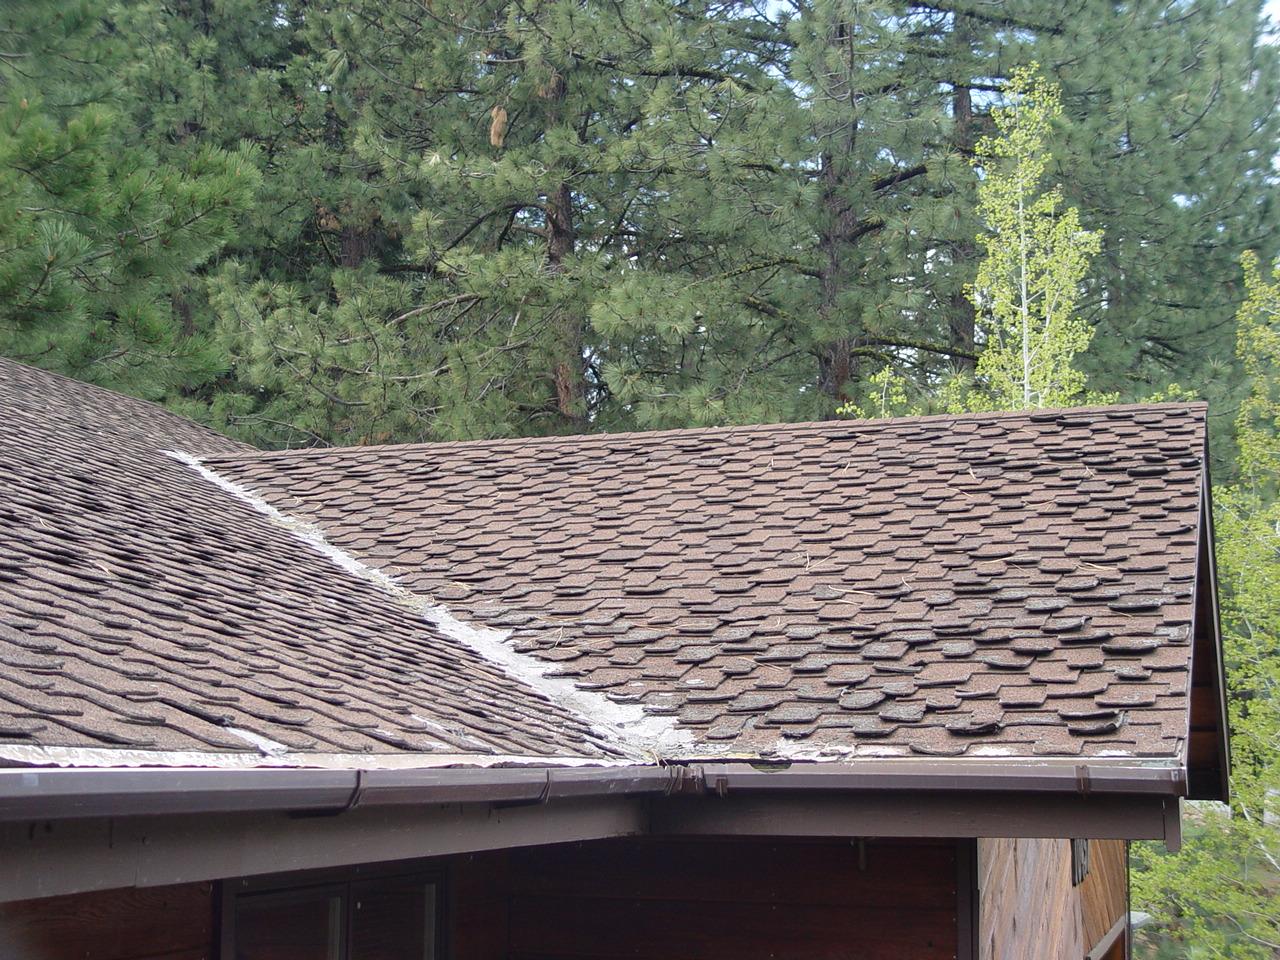 Cost of metal roof vs asphalt - Cost Of Metal Roof Vs Asphalt 55